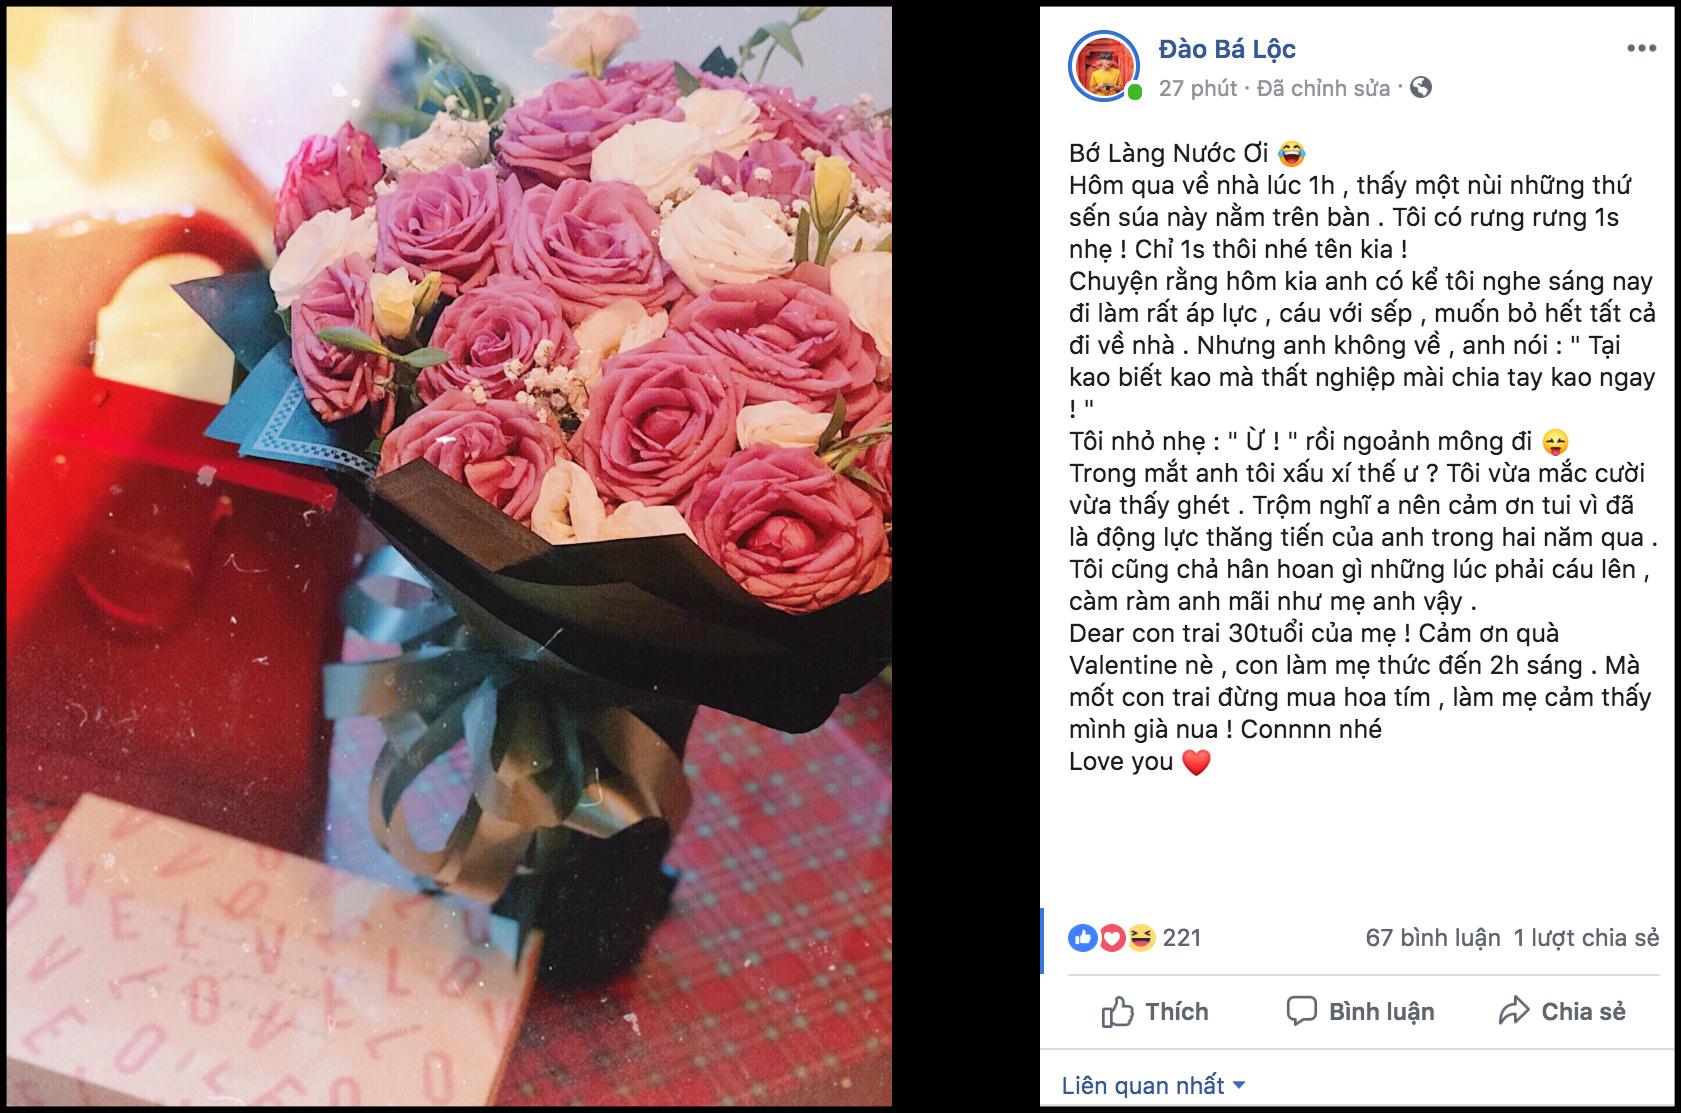 Sao Việt háo hức khoe quà lãng mạn, công khai điều đặc biệt trong ngày Valentine - Ảnh 8.